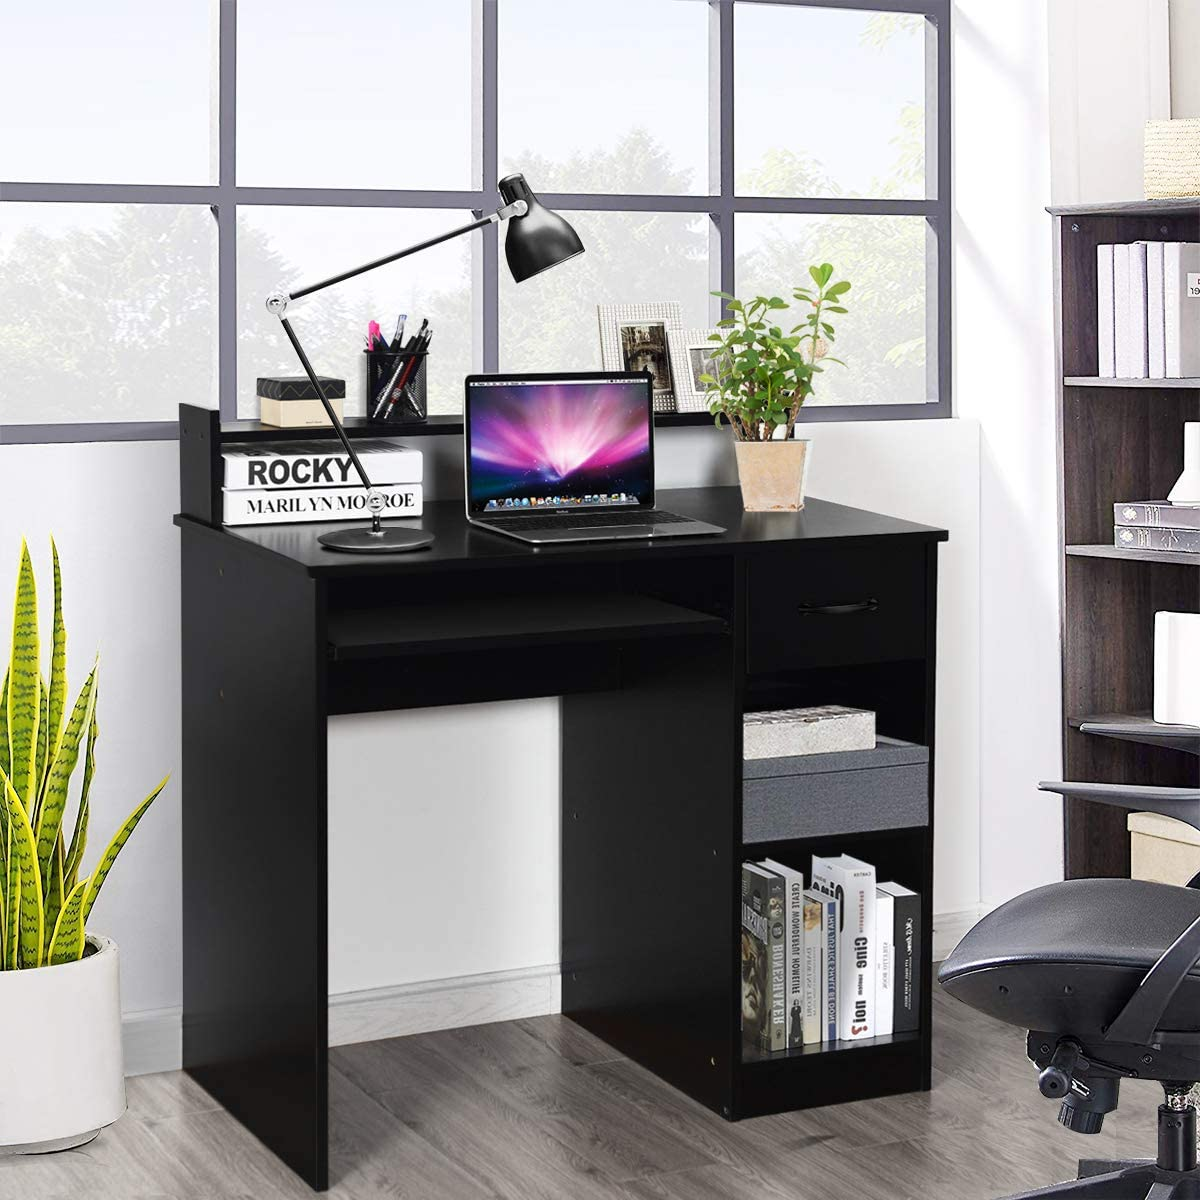 COSTWAY Computertisch mit Ablage Schreibtisch PC-Tisch Computerschreibtisch B/ürotisch Laptoptisch Arbeitstisch 90x48x91,5cm